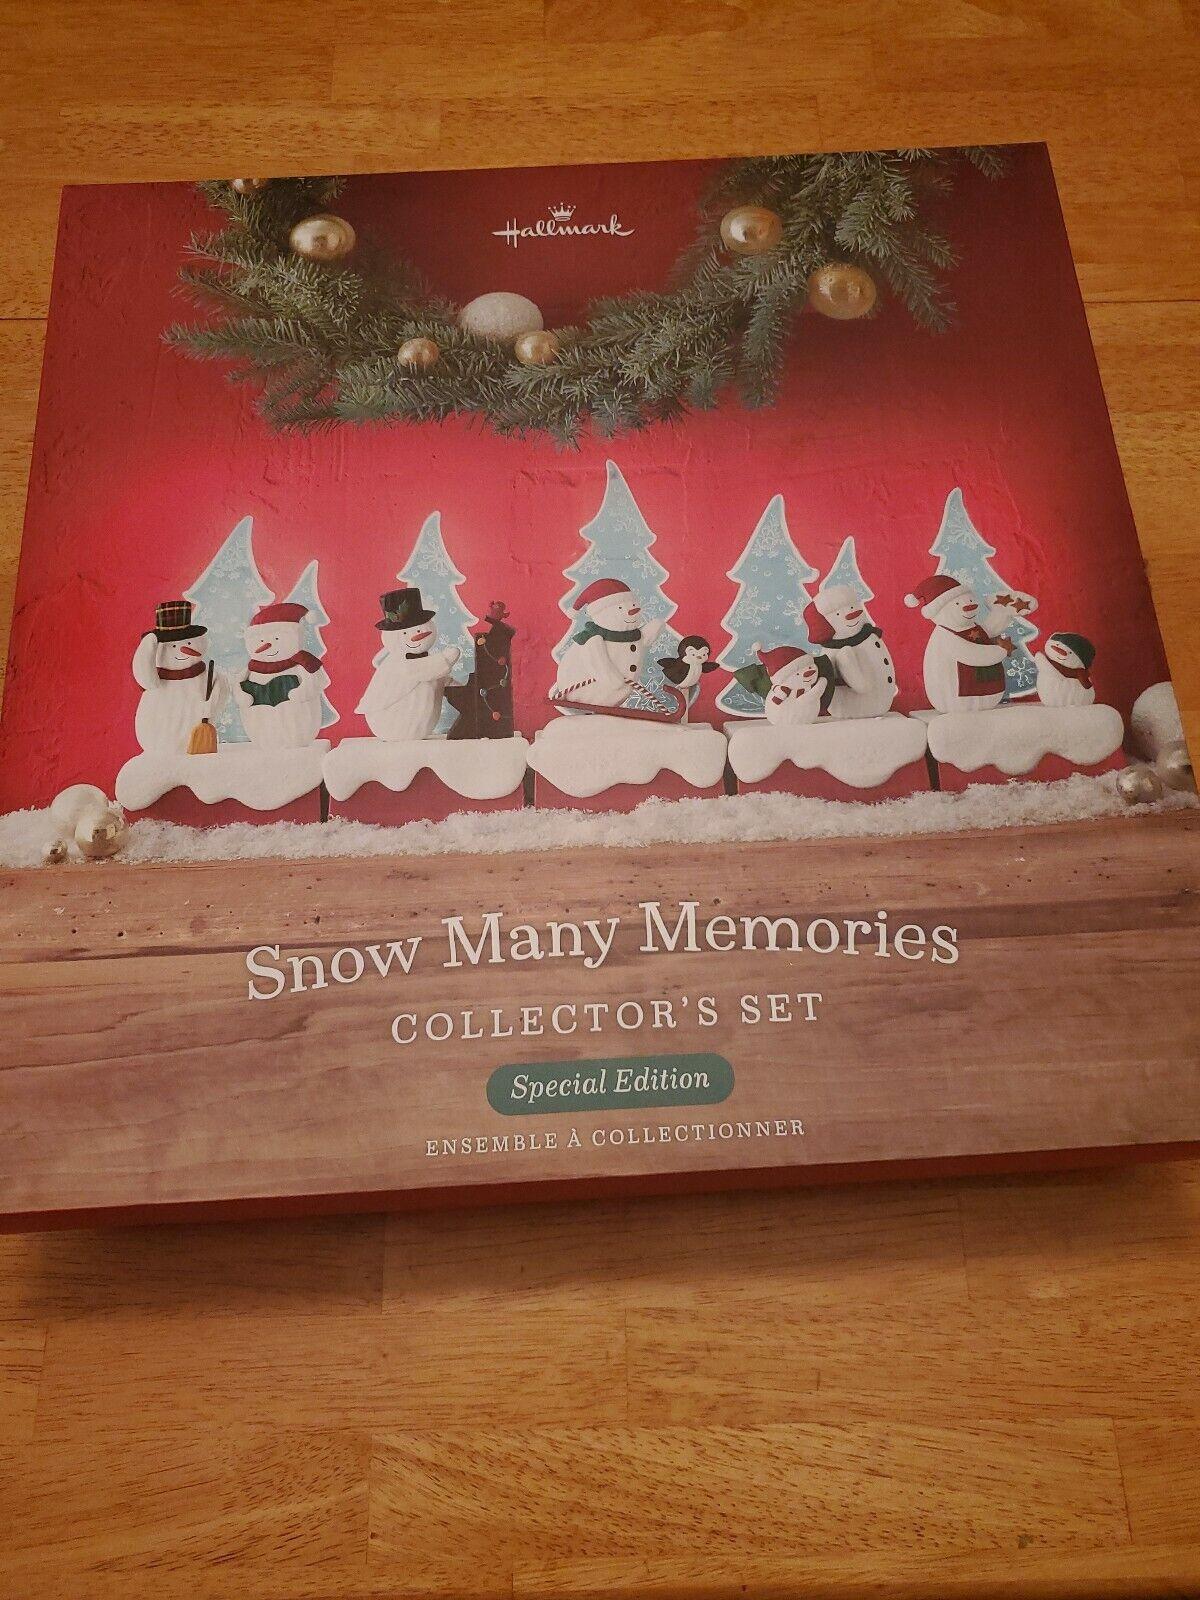 HMK Hallmark 2018 Continuity Snow Many Memories Special Edition Collectors Set